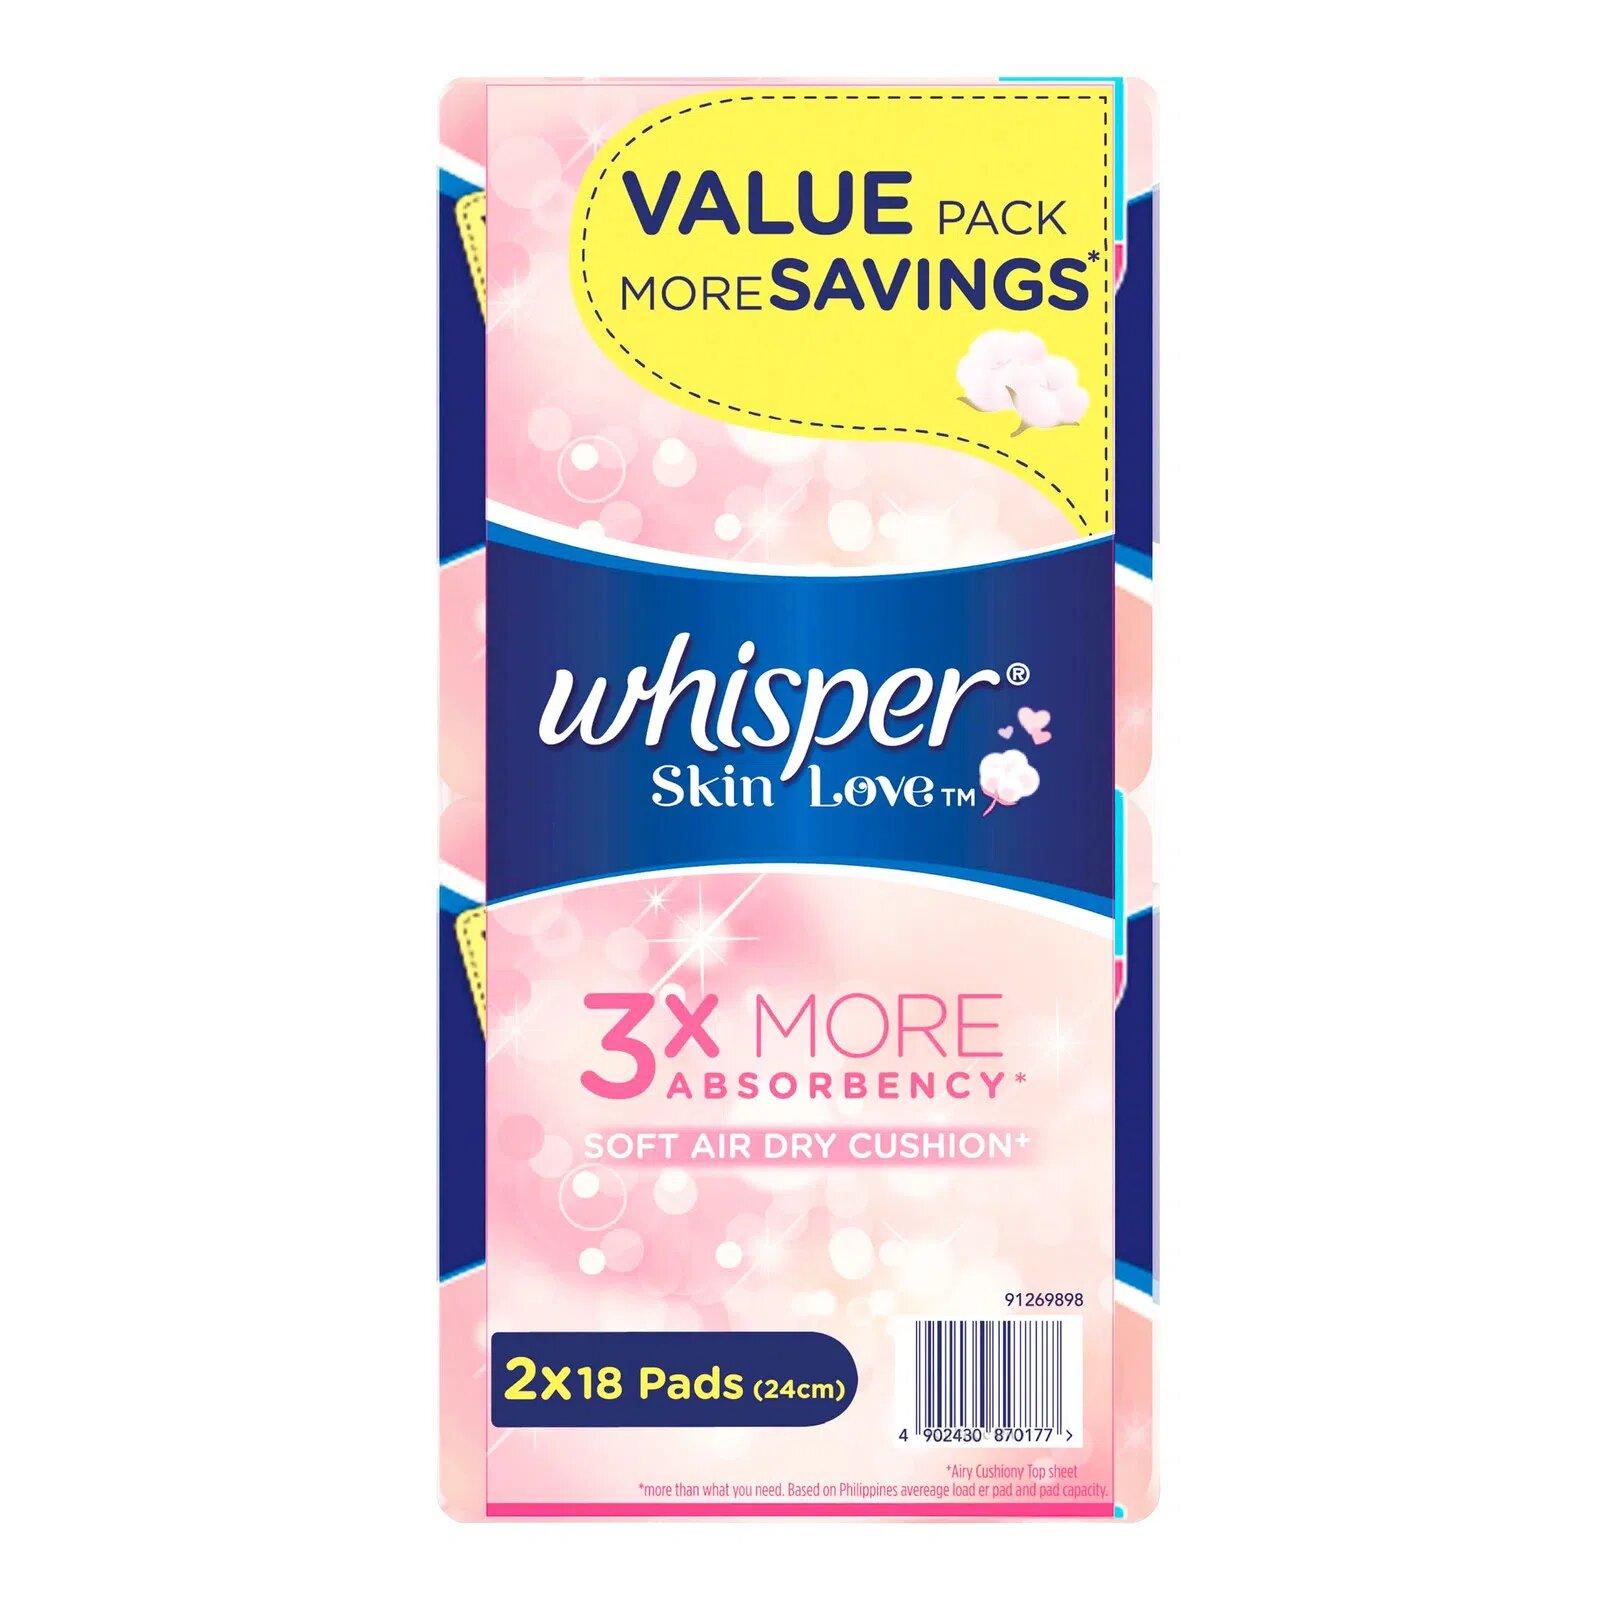 Whisper Ultra Slim Skin Love Pads - Light/Norm Day (24cm)